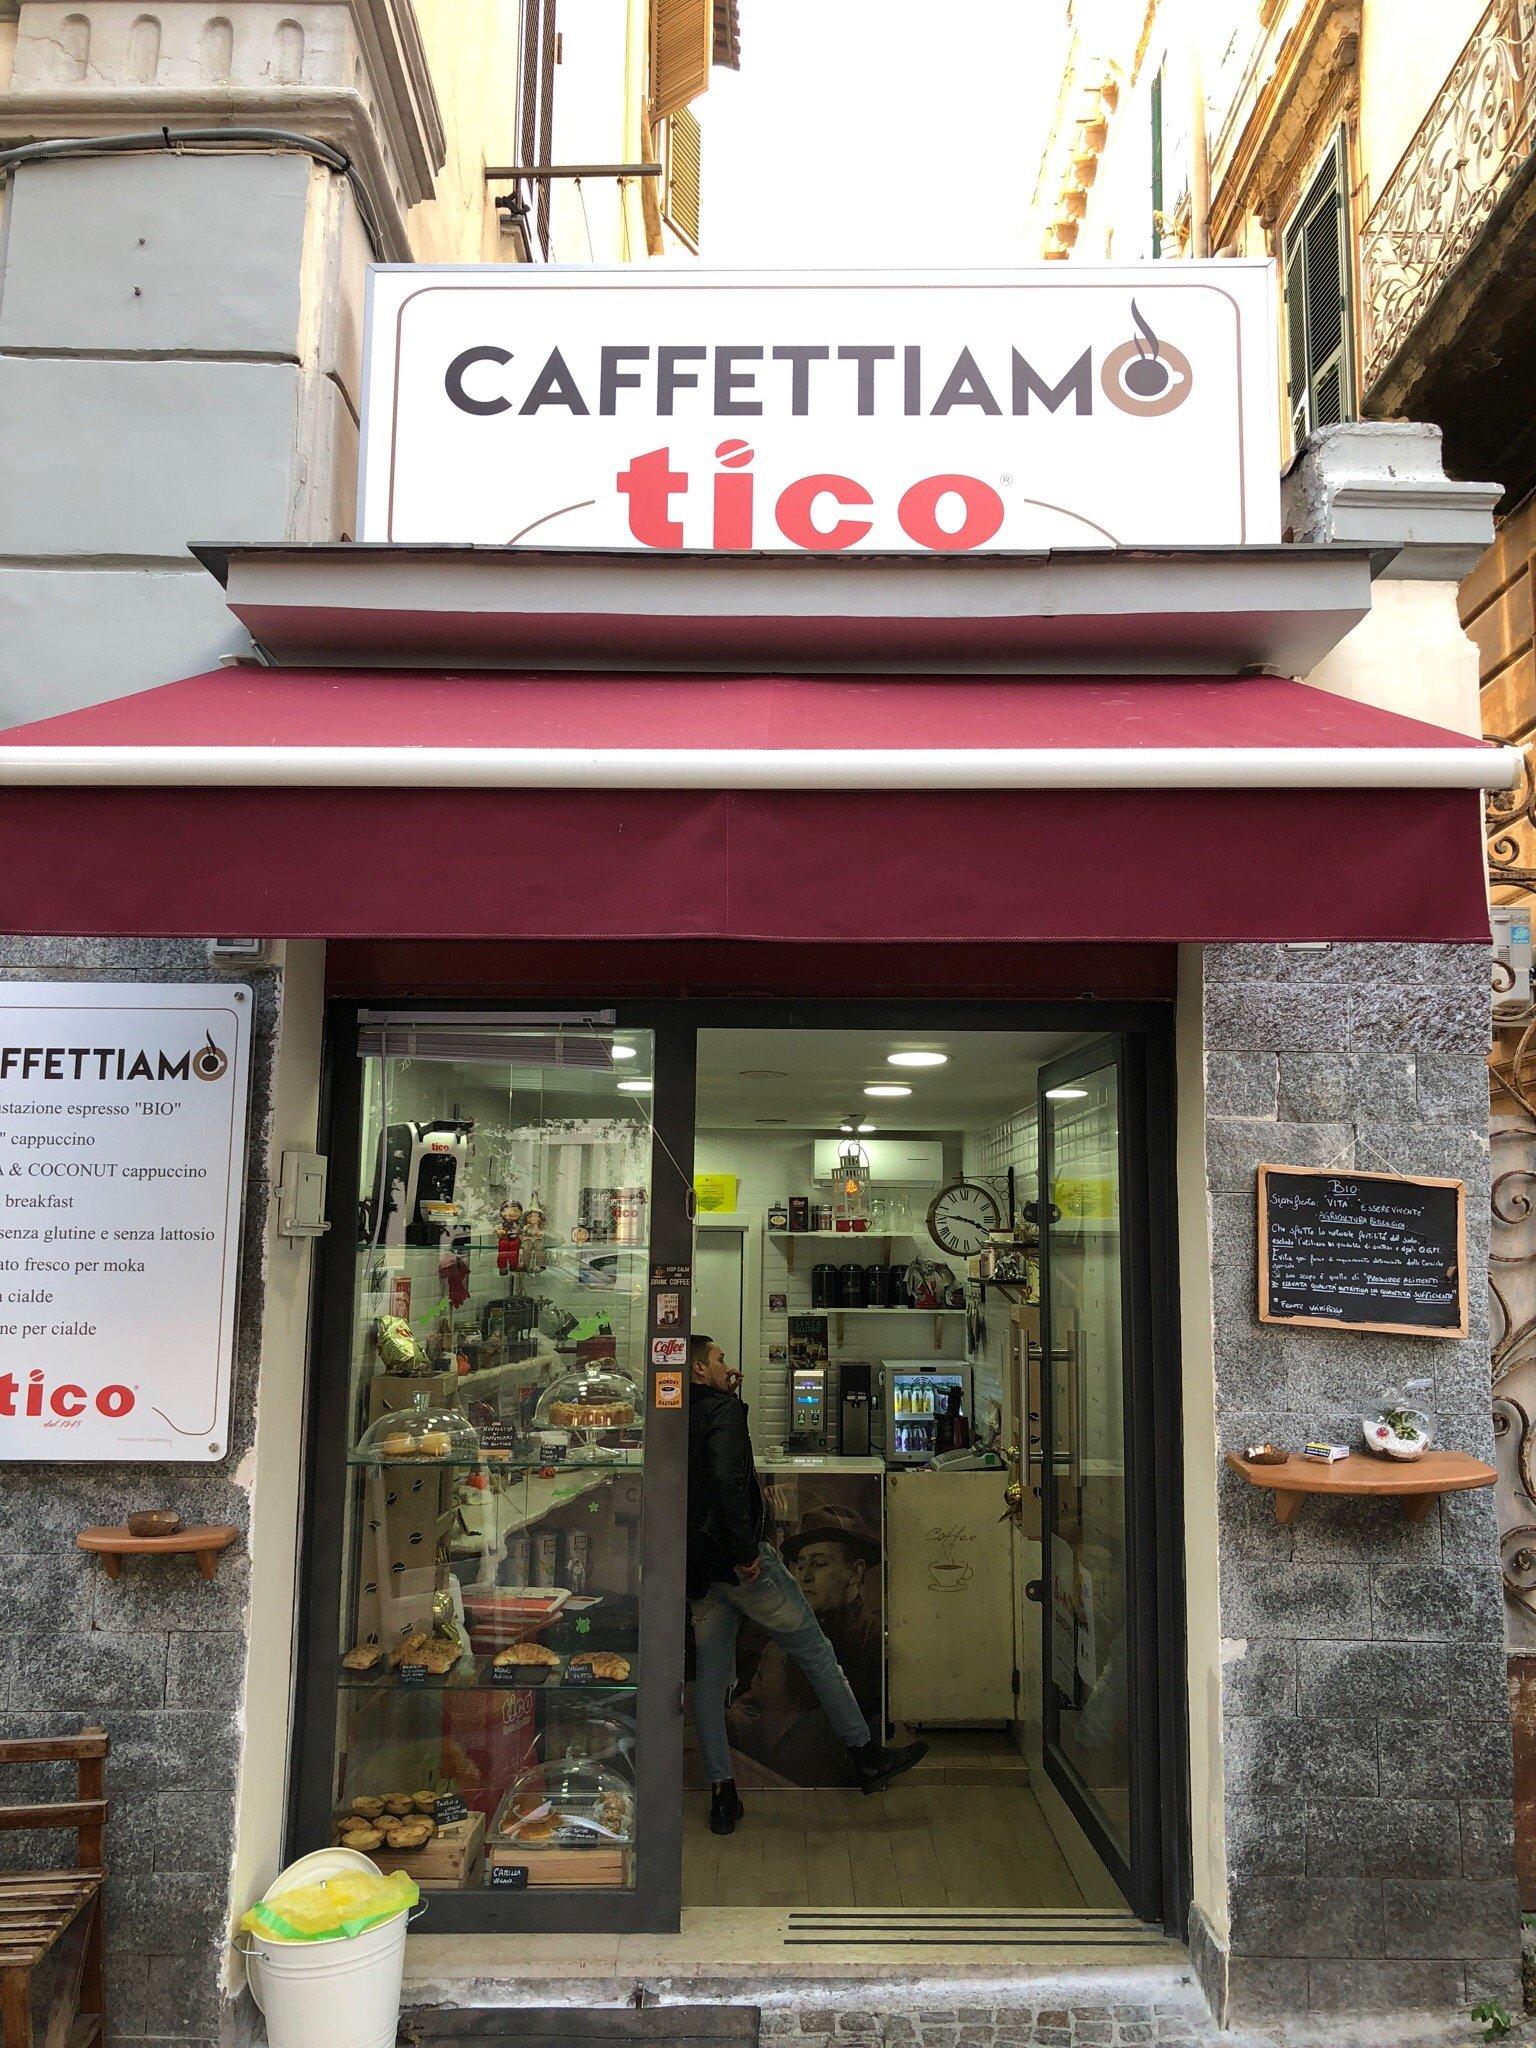 Caffettiamo, Napoli